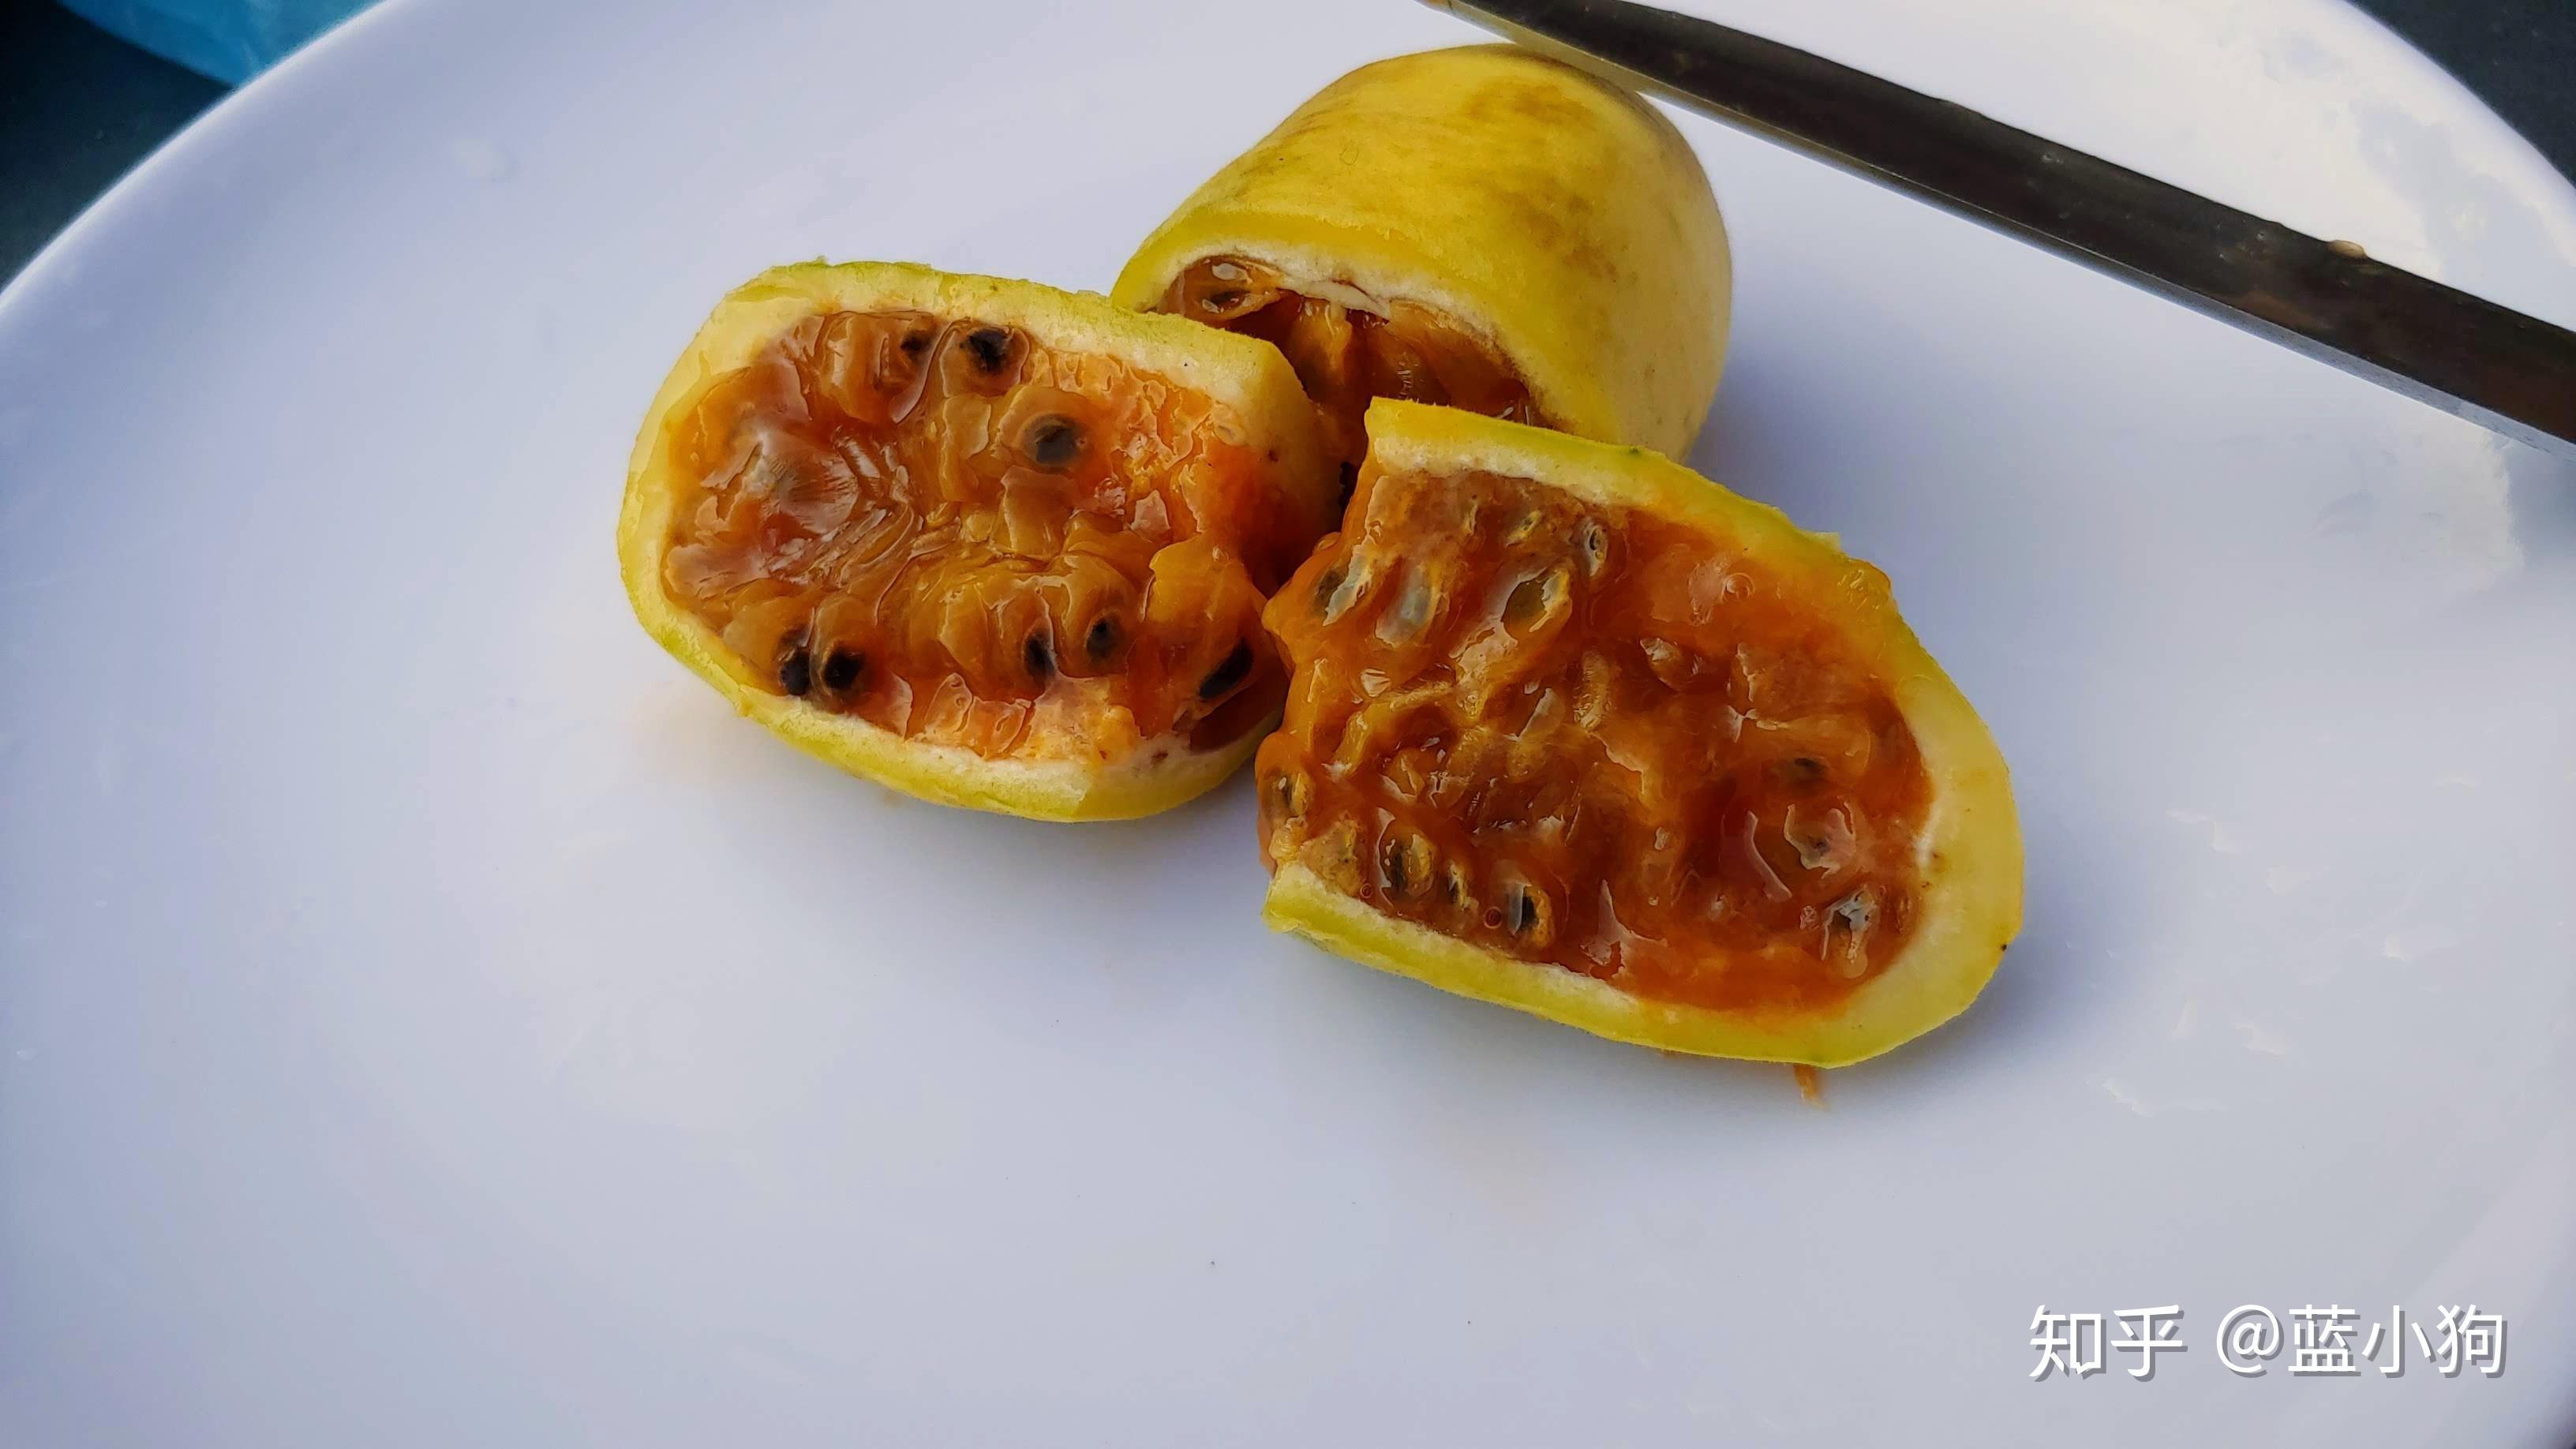 水果品种大全名字 100种水果名称_三氪网